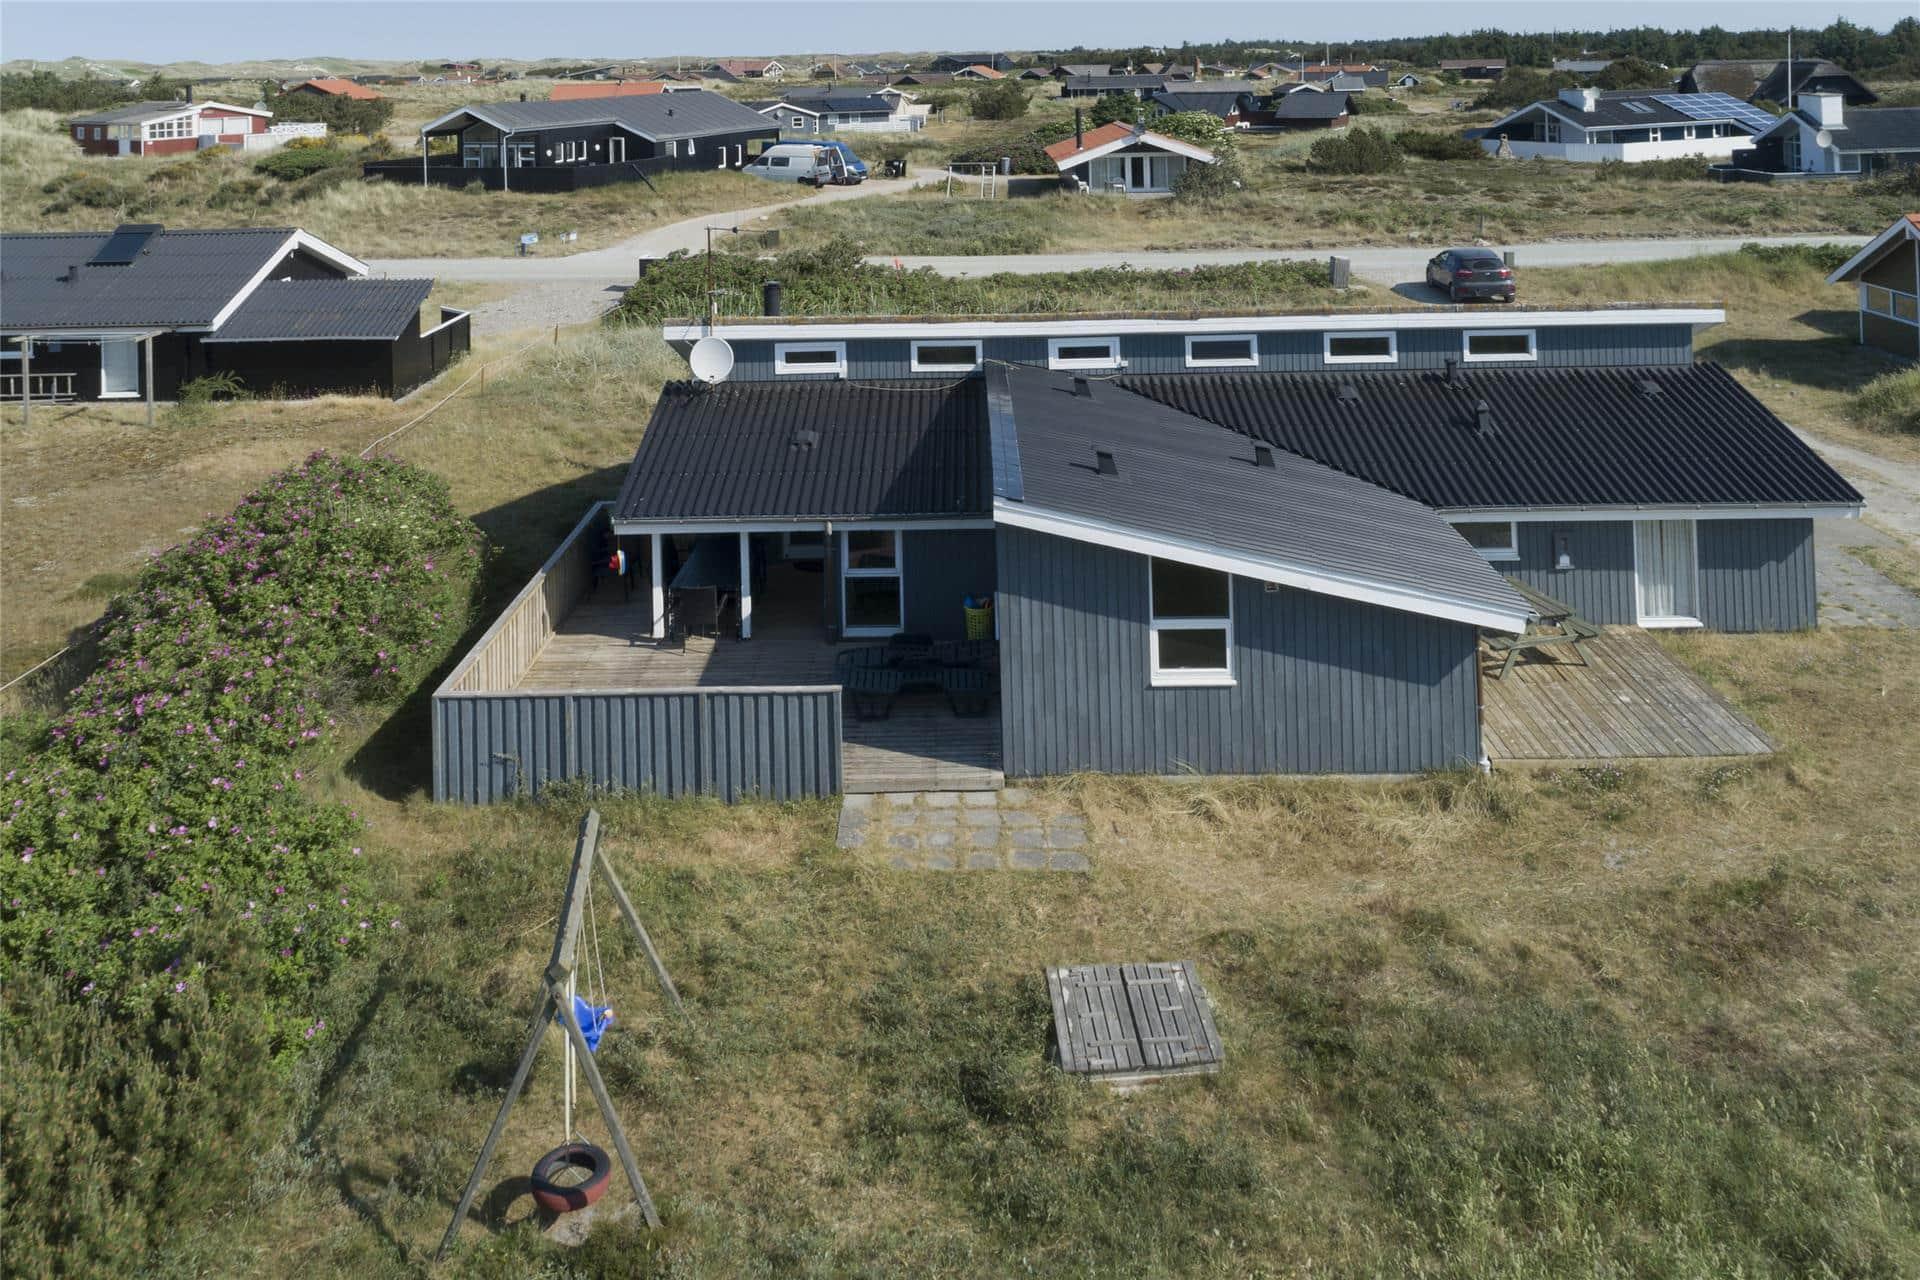 Billede 1-4 Sommerhus 641, Julianevej 13, DK - 6960 Hvide Sande